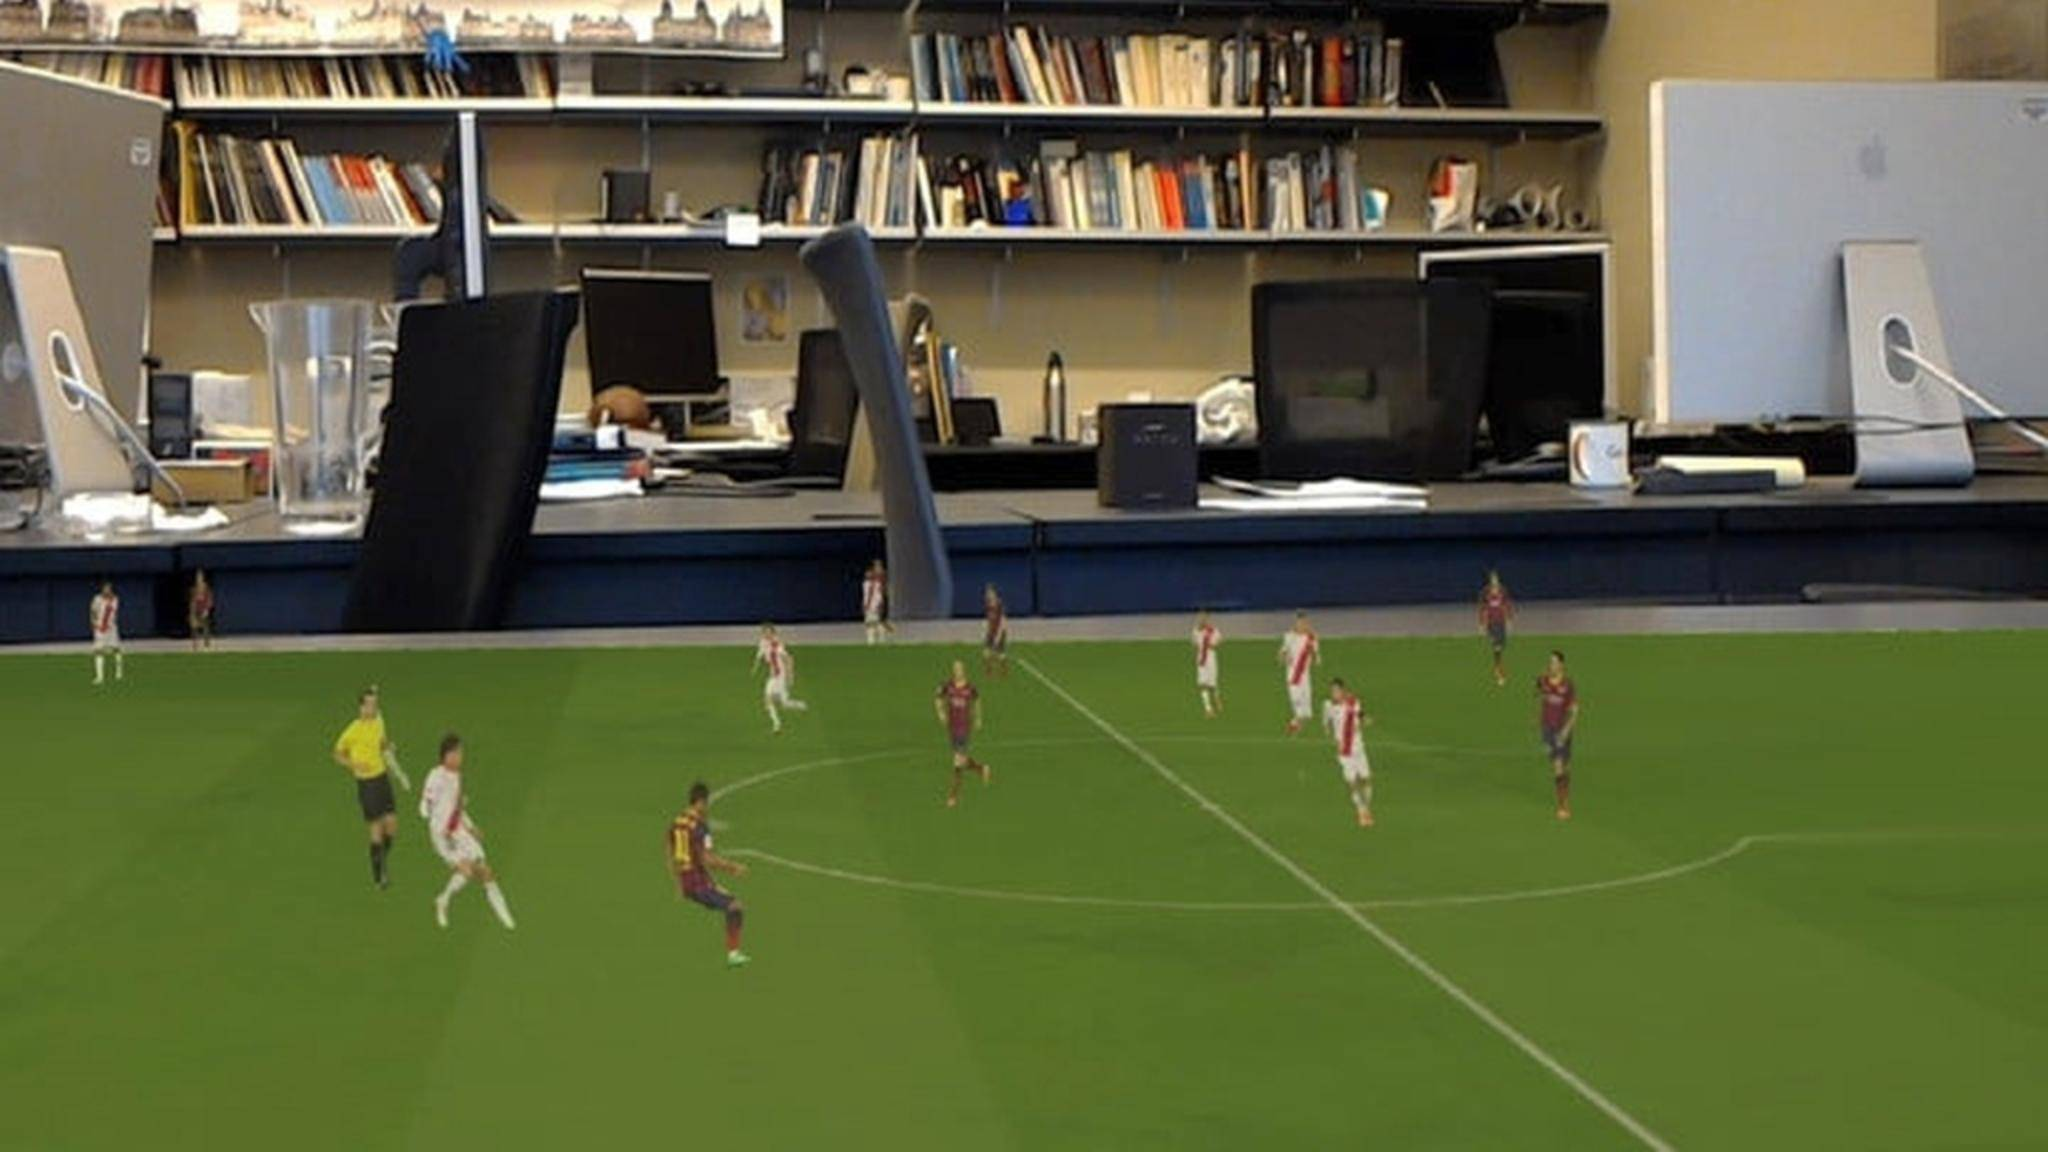 Forscher arbeiten an einem Augmented-Reality-Erlebnis der Fußball-Weltmeisterschaft.